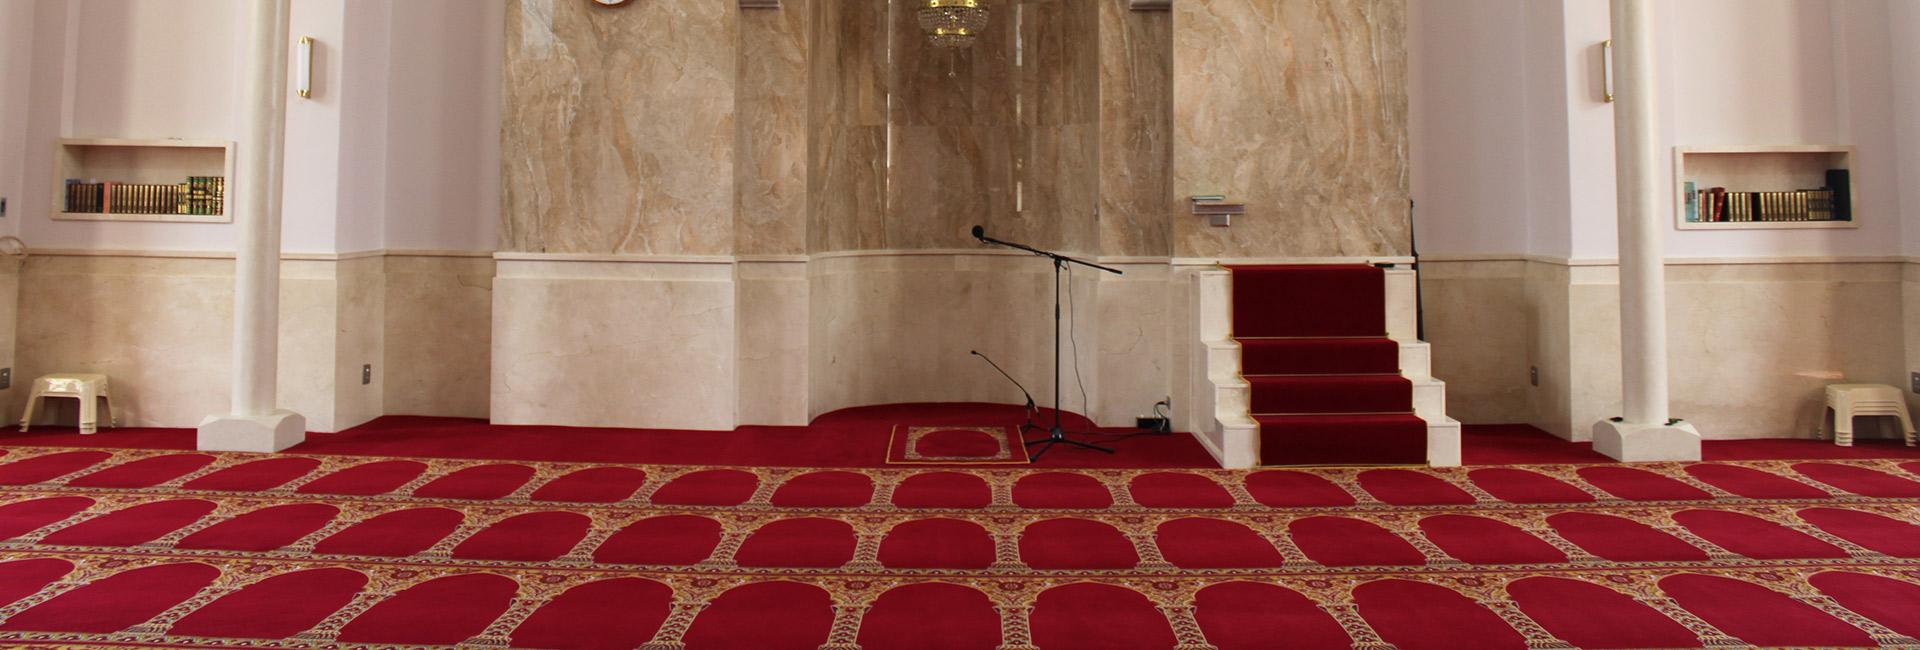 masjid-inside